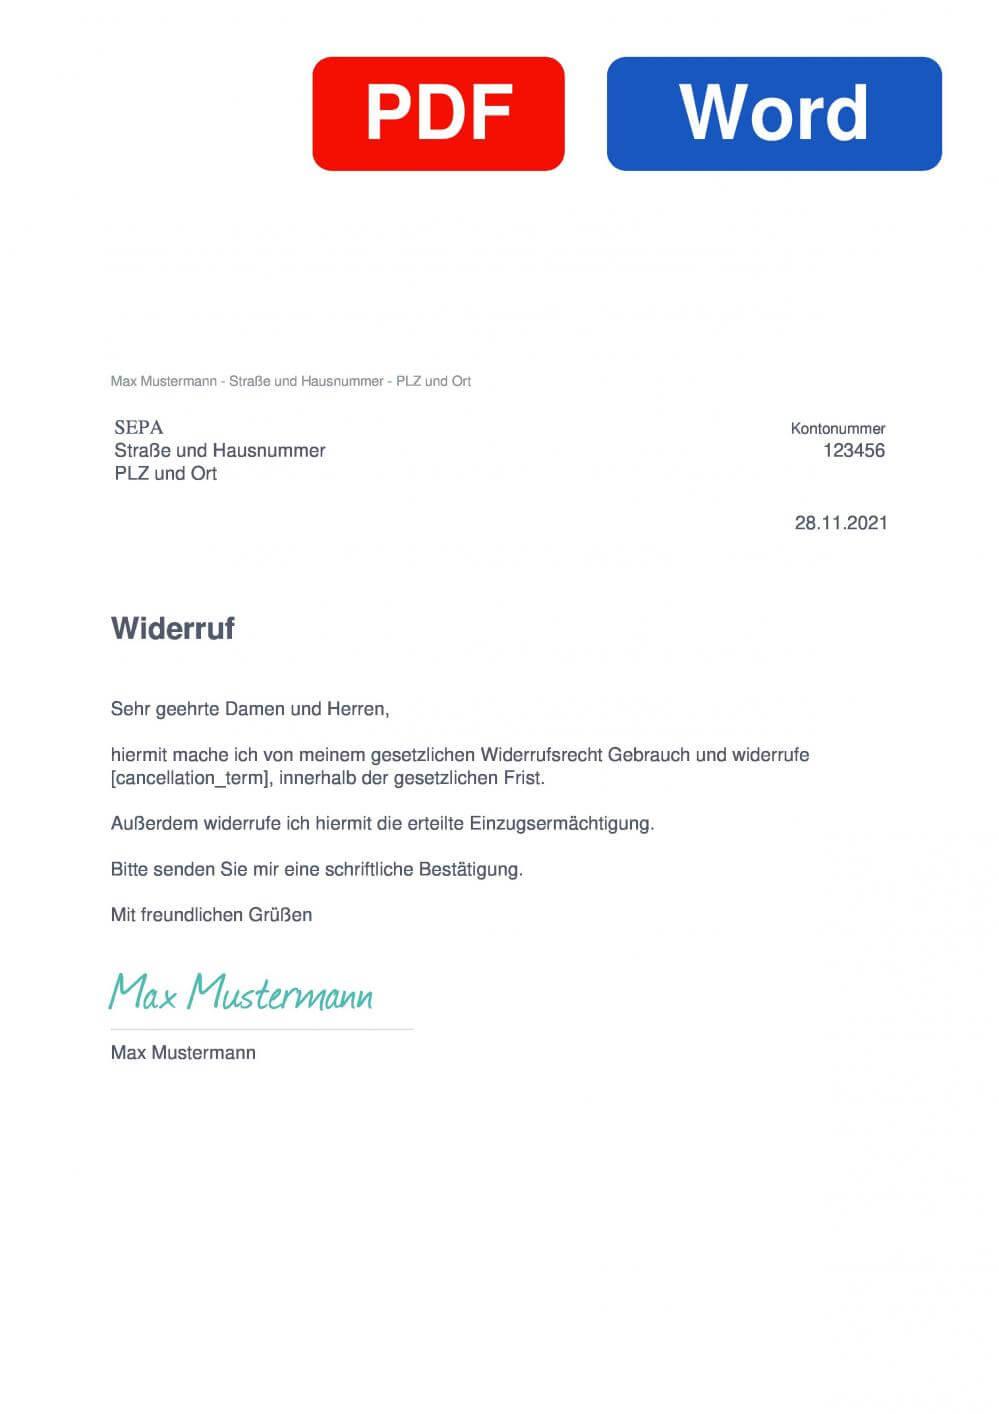 SEPA Muster Vorlage für Wiederrufsschreiben